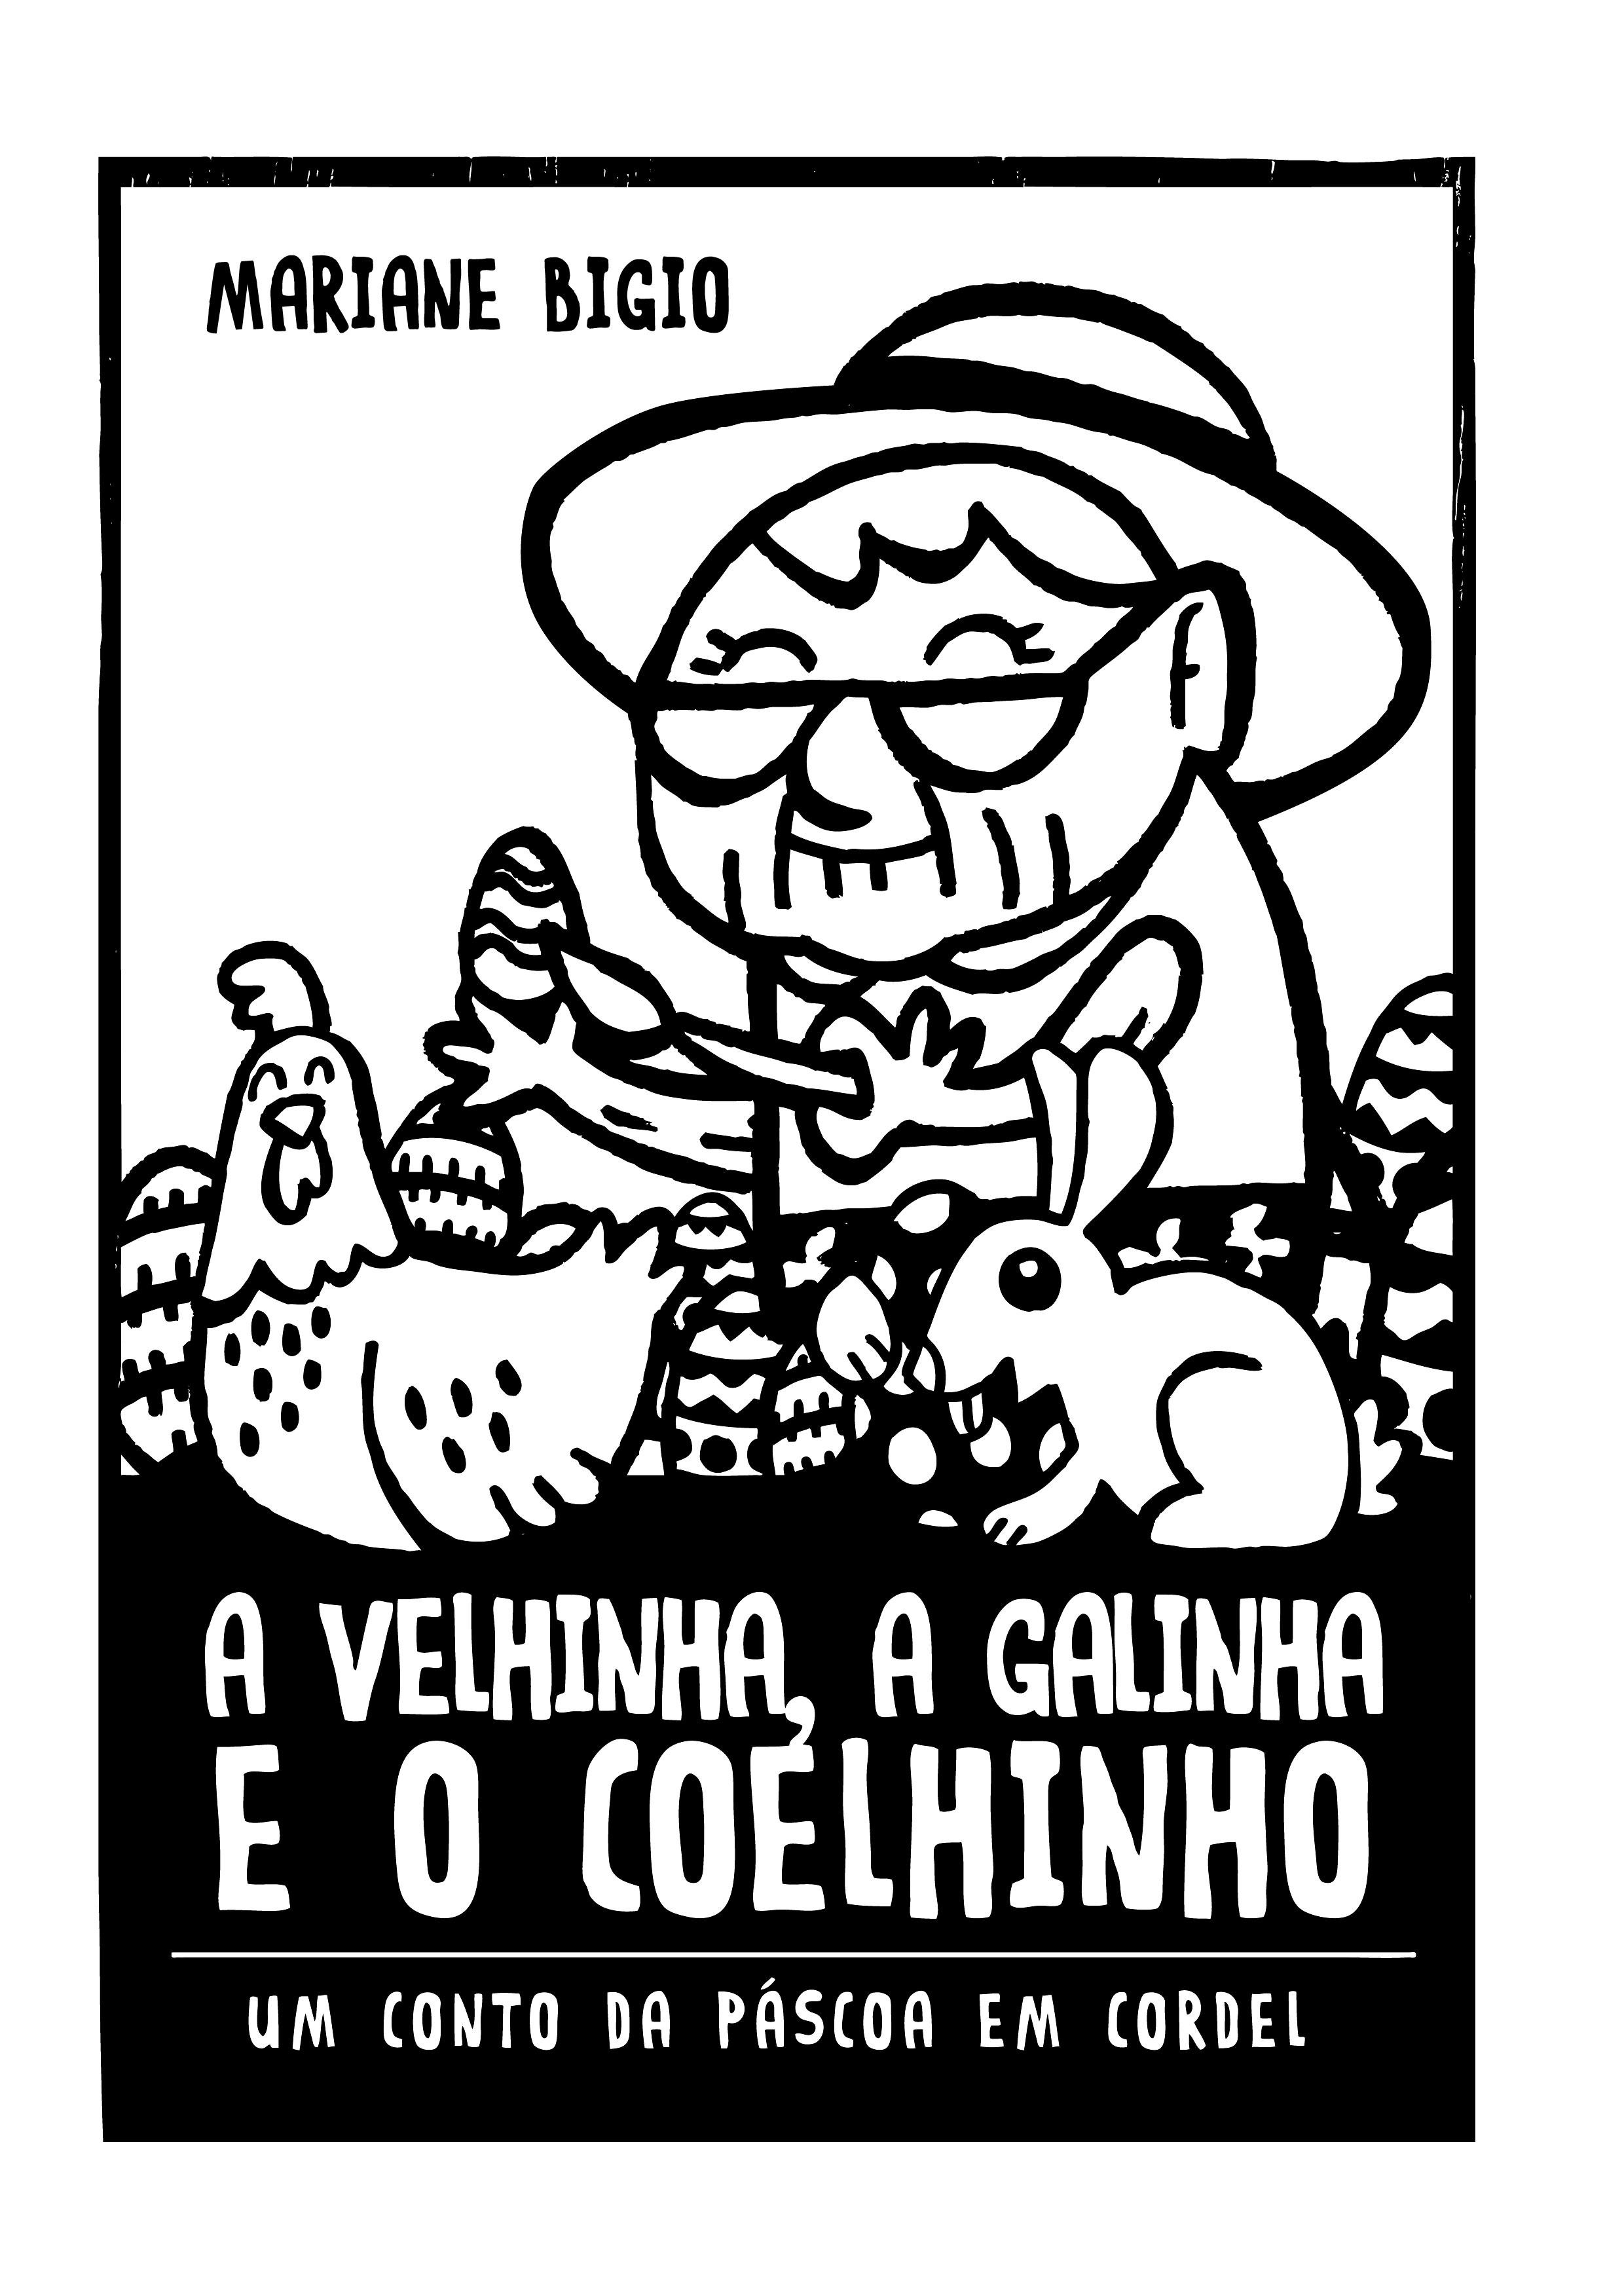 A Galinha Dos Ovo De Ouro Para Colorir a velhinha, a galinha e o coelhinho – um conto da páscoa em